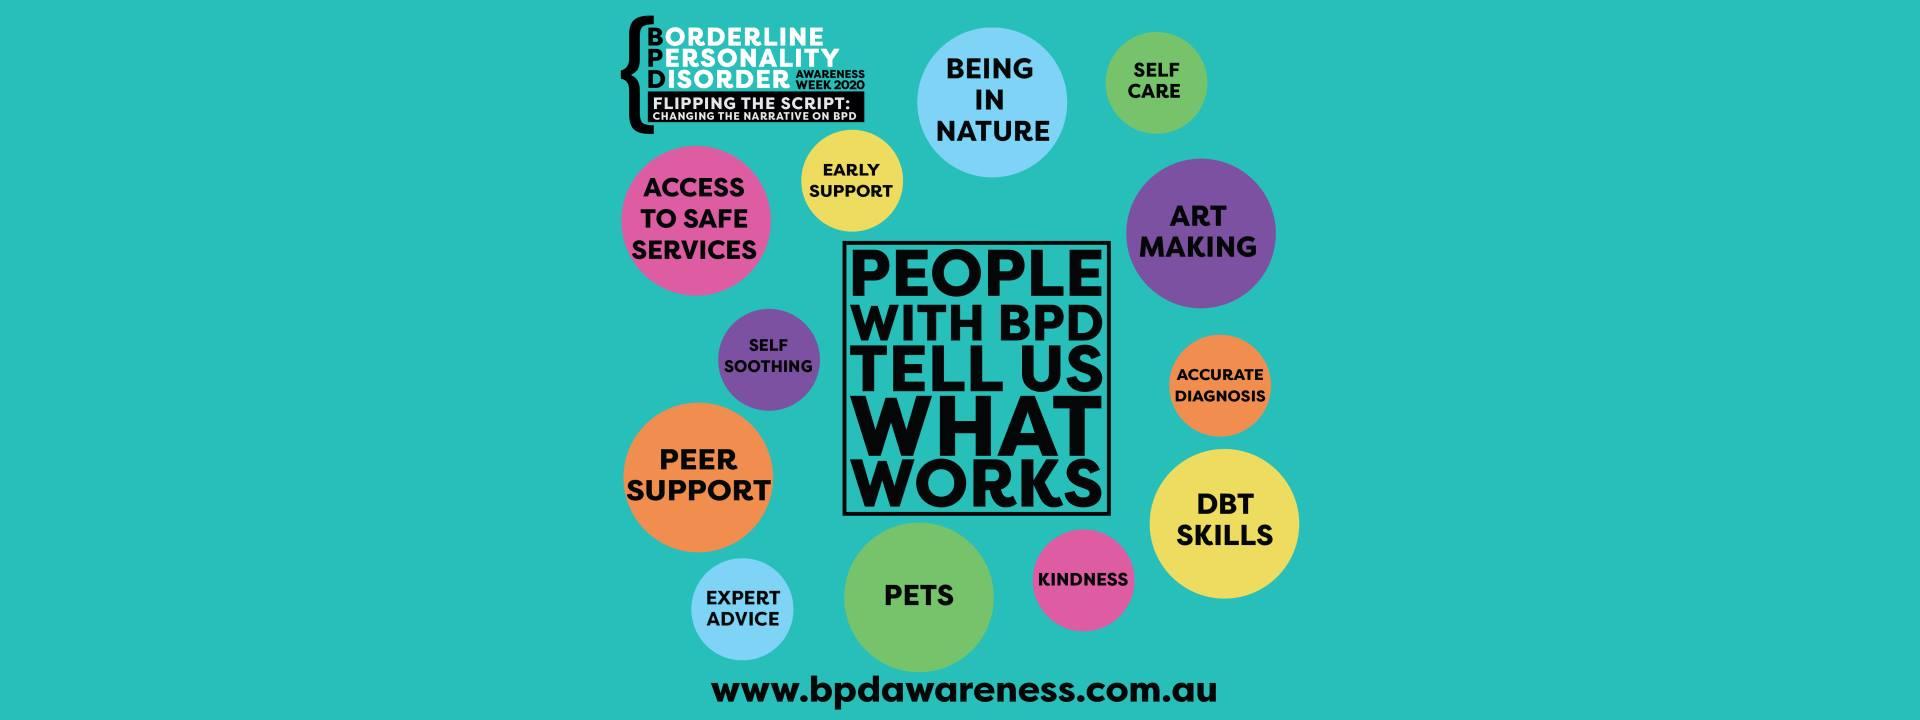 BPD Awareness Week - What Works